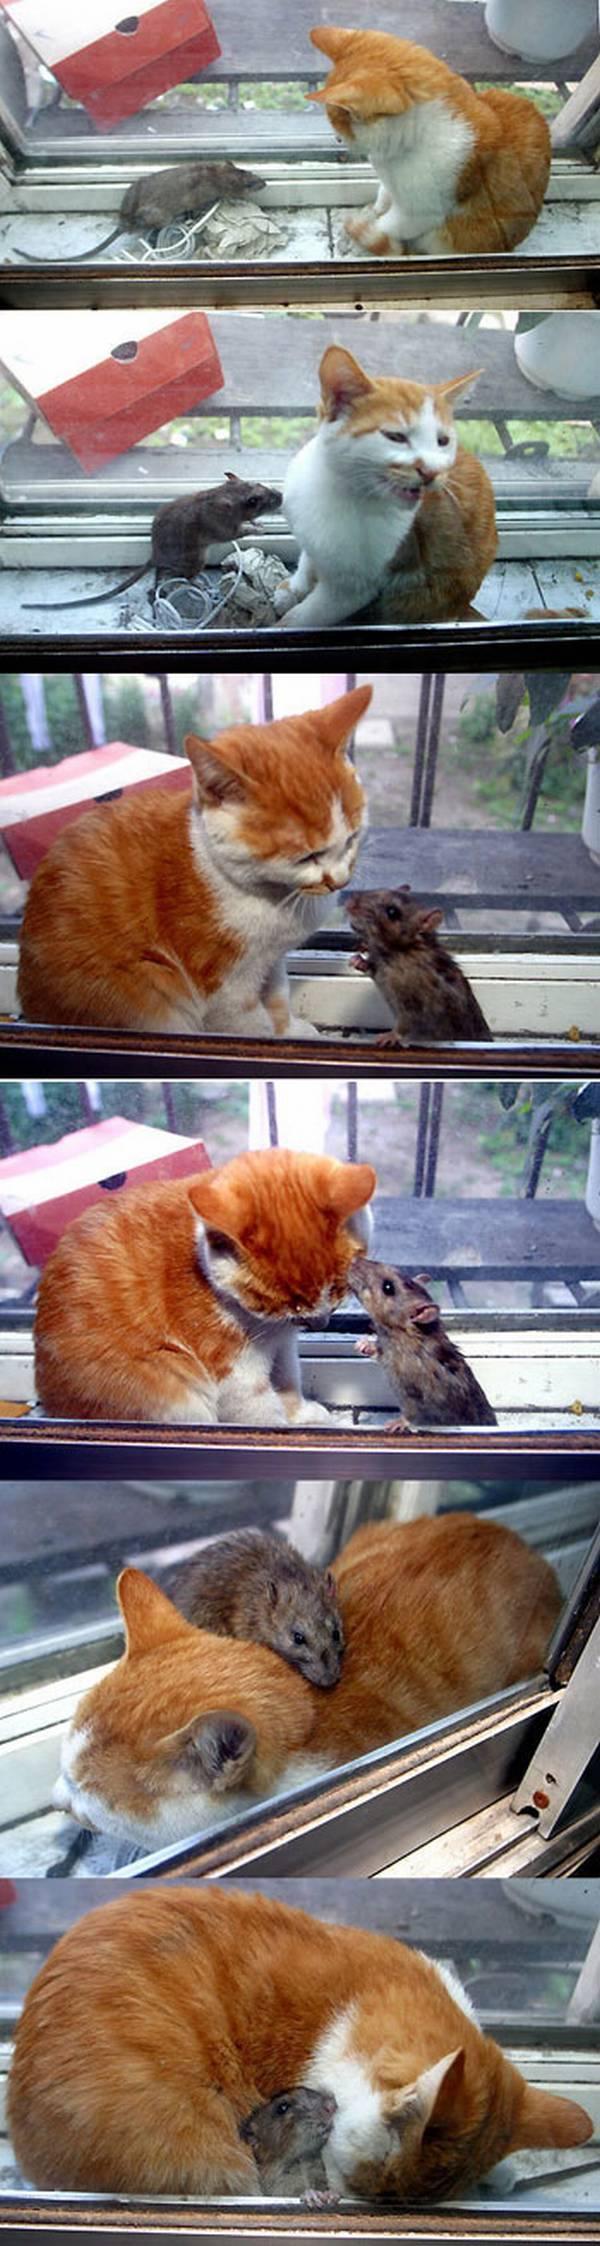 Un gato observando un raton, lo abraza, lo acaricia y lo besa